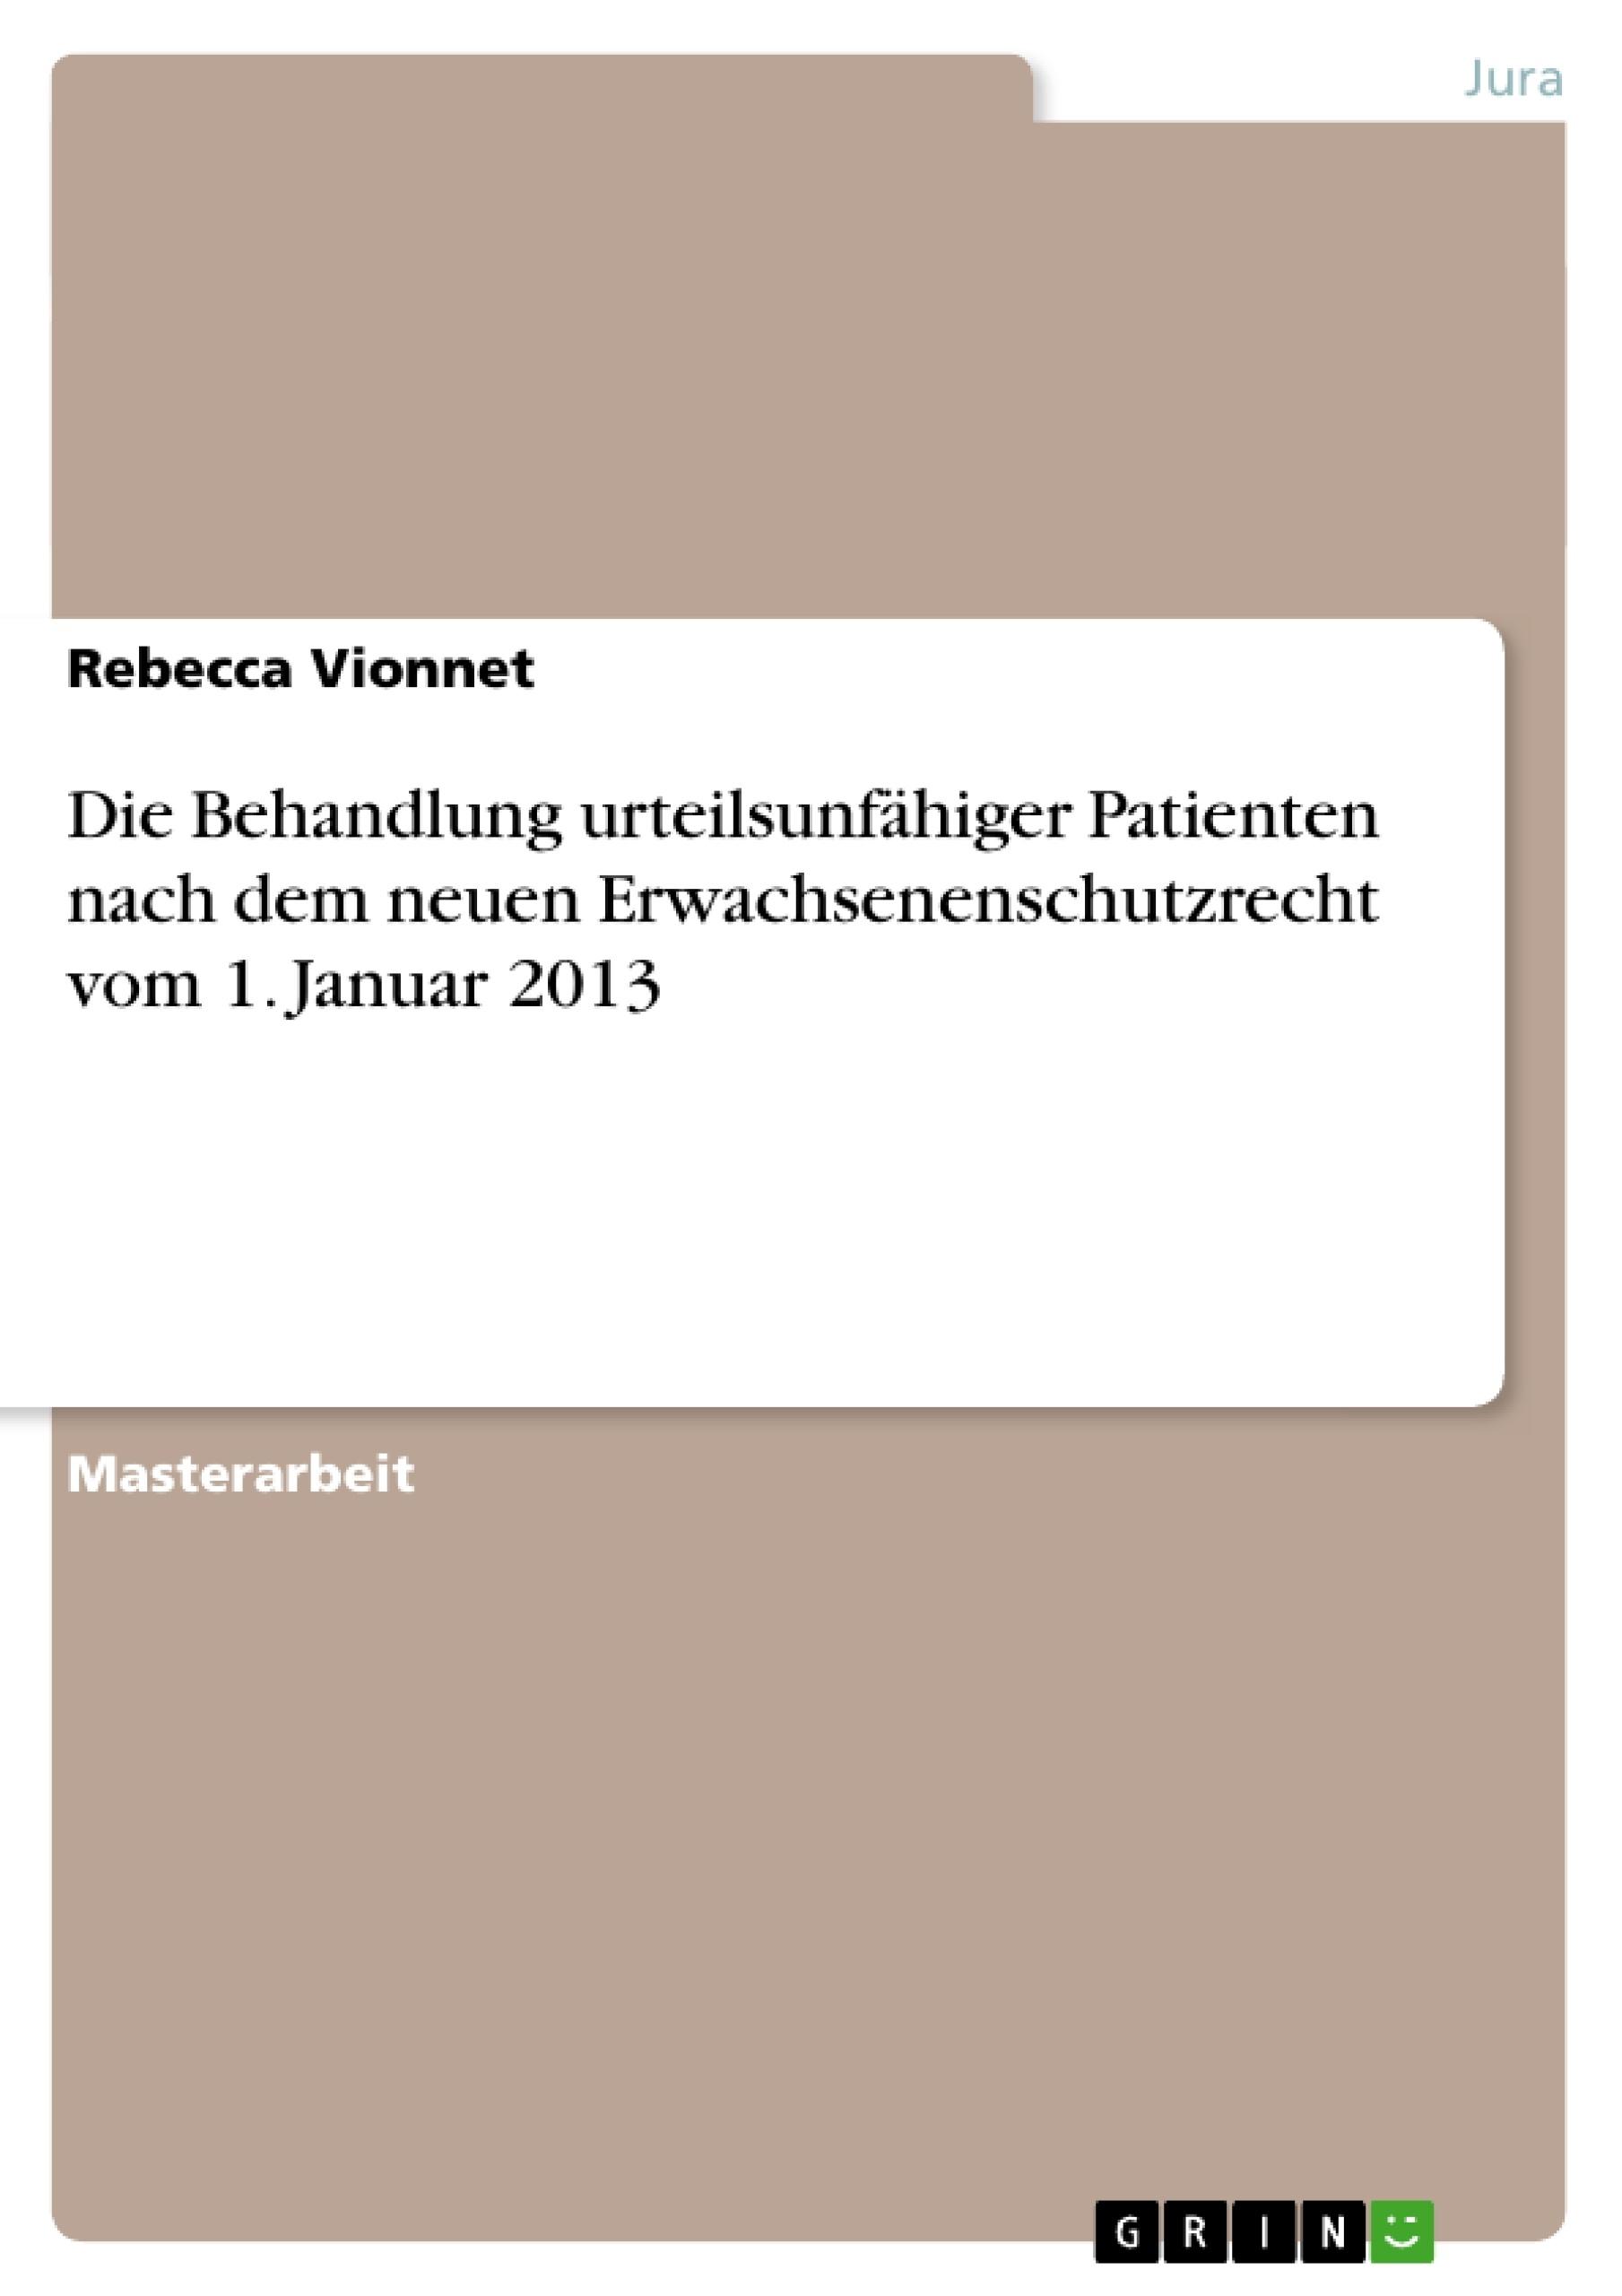 Titel: Die Behandlung urteilsunfähiger Patienten nach dem neuen Erwachsenenschutzrecht vom 1. Januar 2013